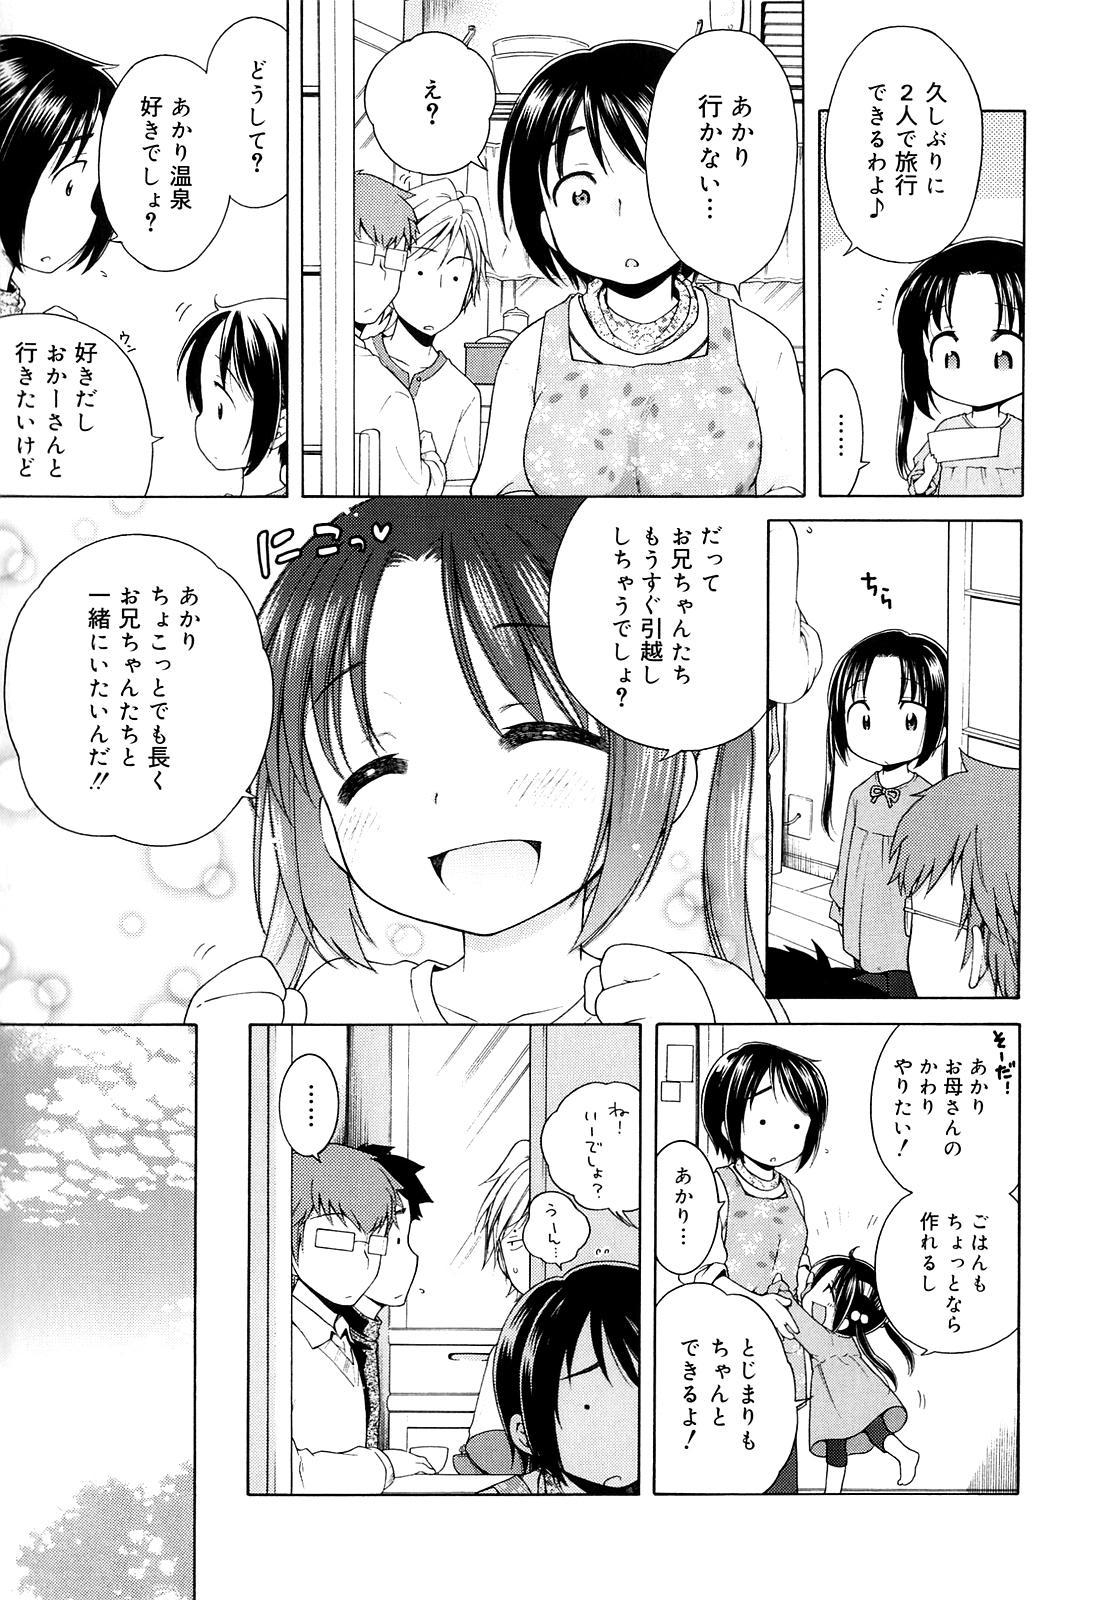 Tsukimisou no Akari 100